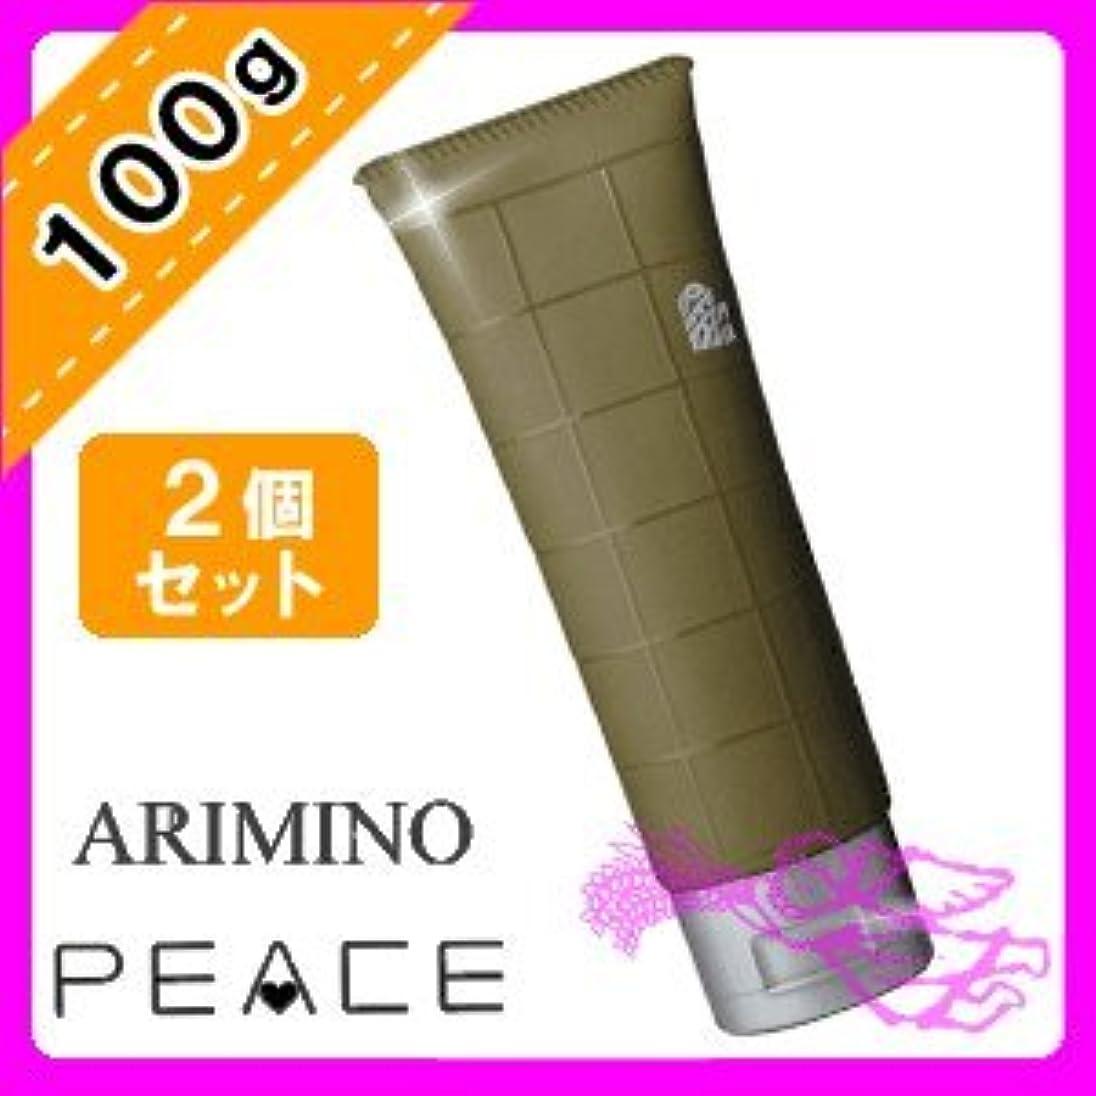 ちっちゃい細分化する幻滅するアリミノ ピース ウェットオイル ワックス 100g ×2個セット arimino PEACE